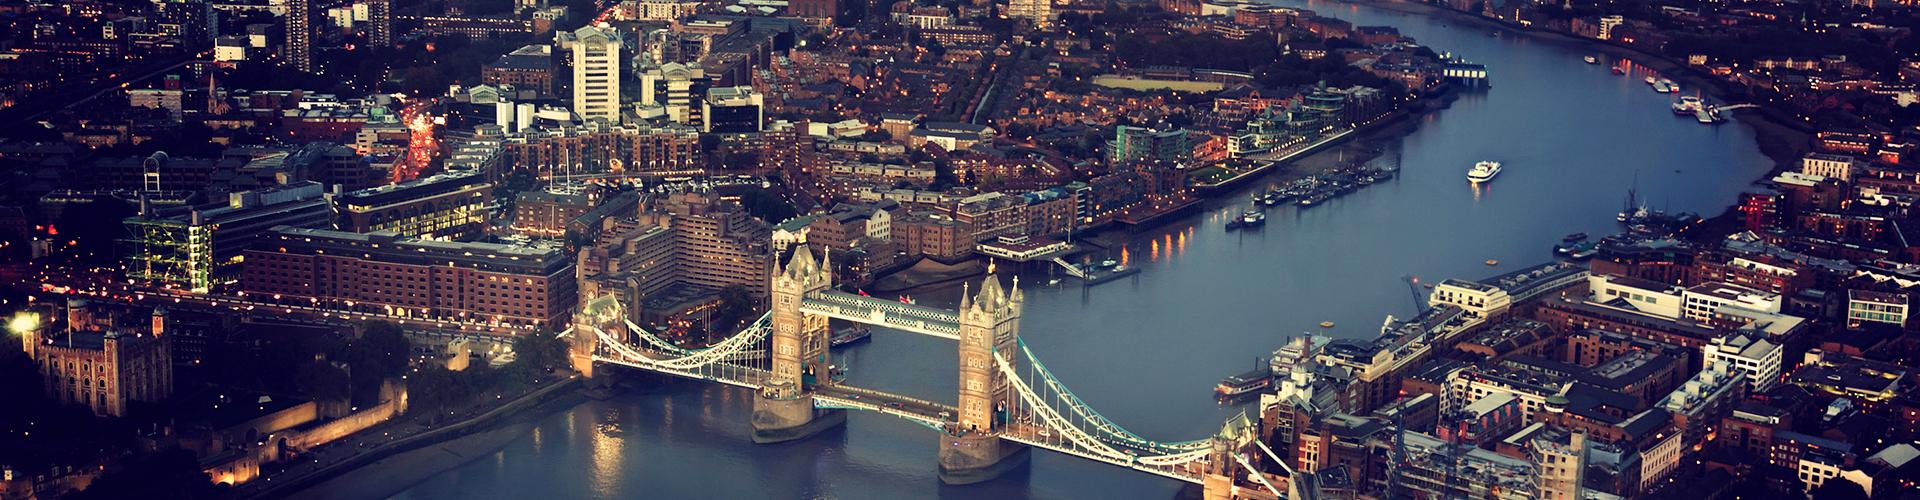 London: Business & Entrepreneurship